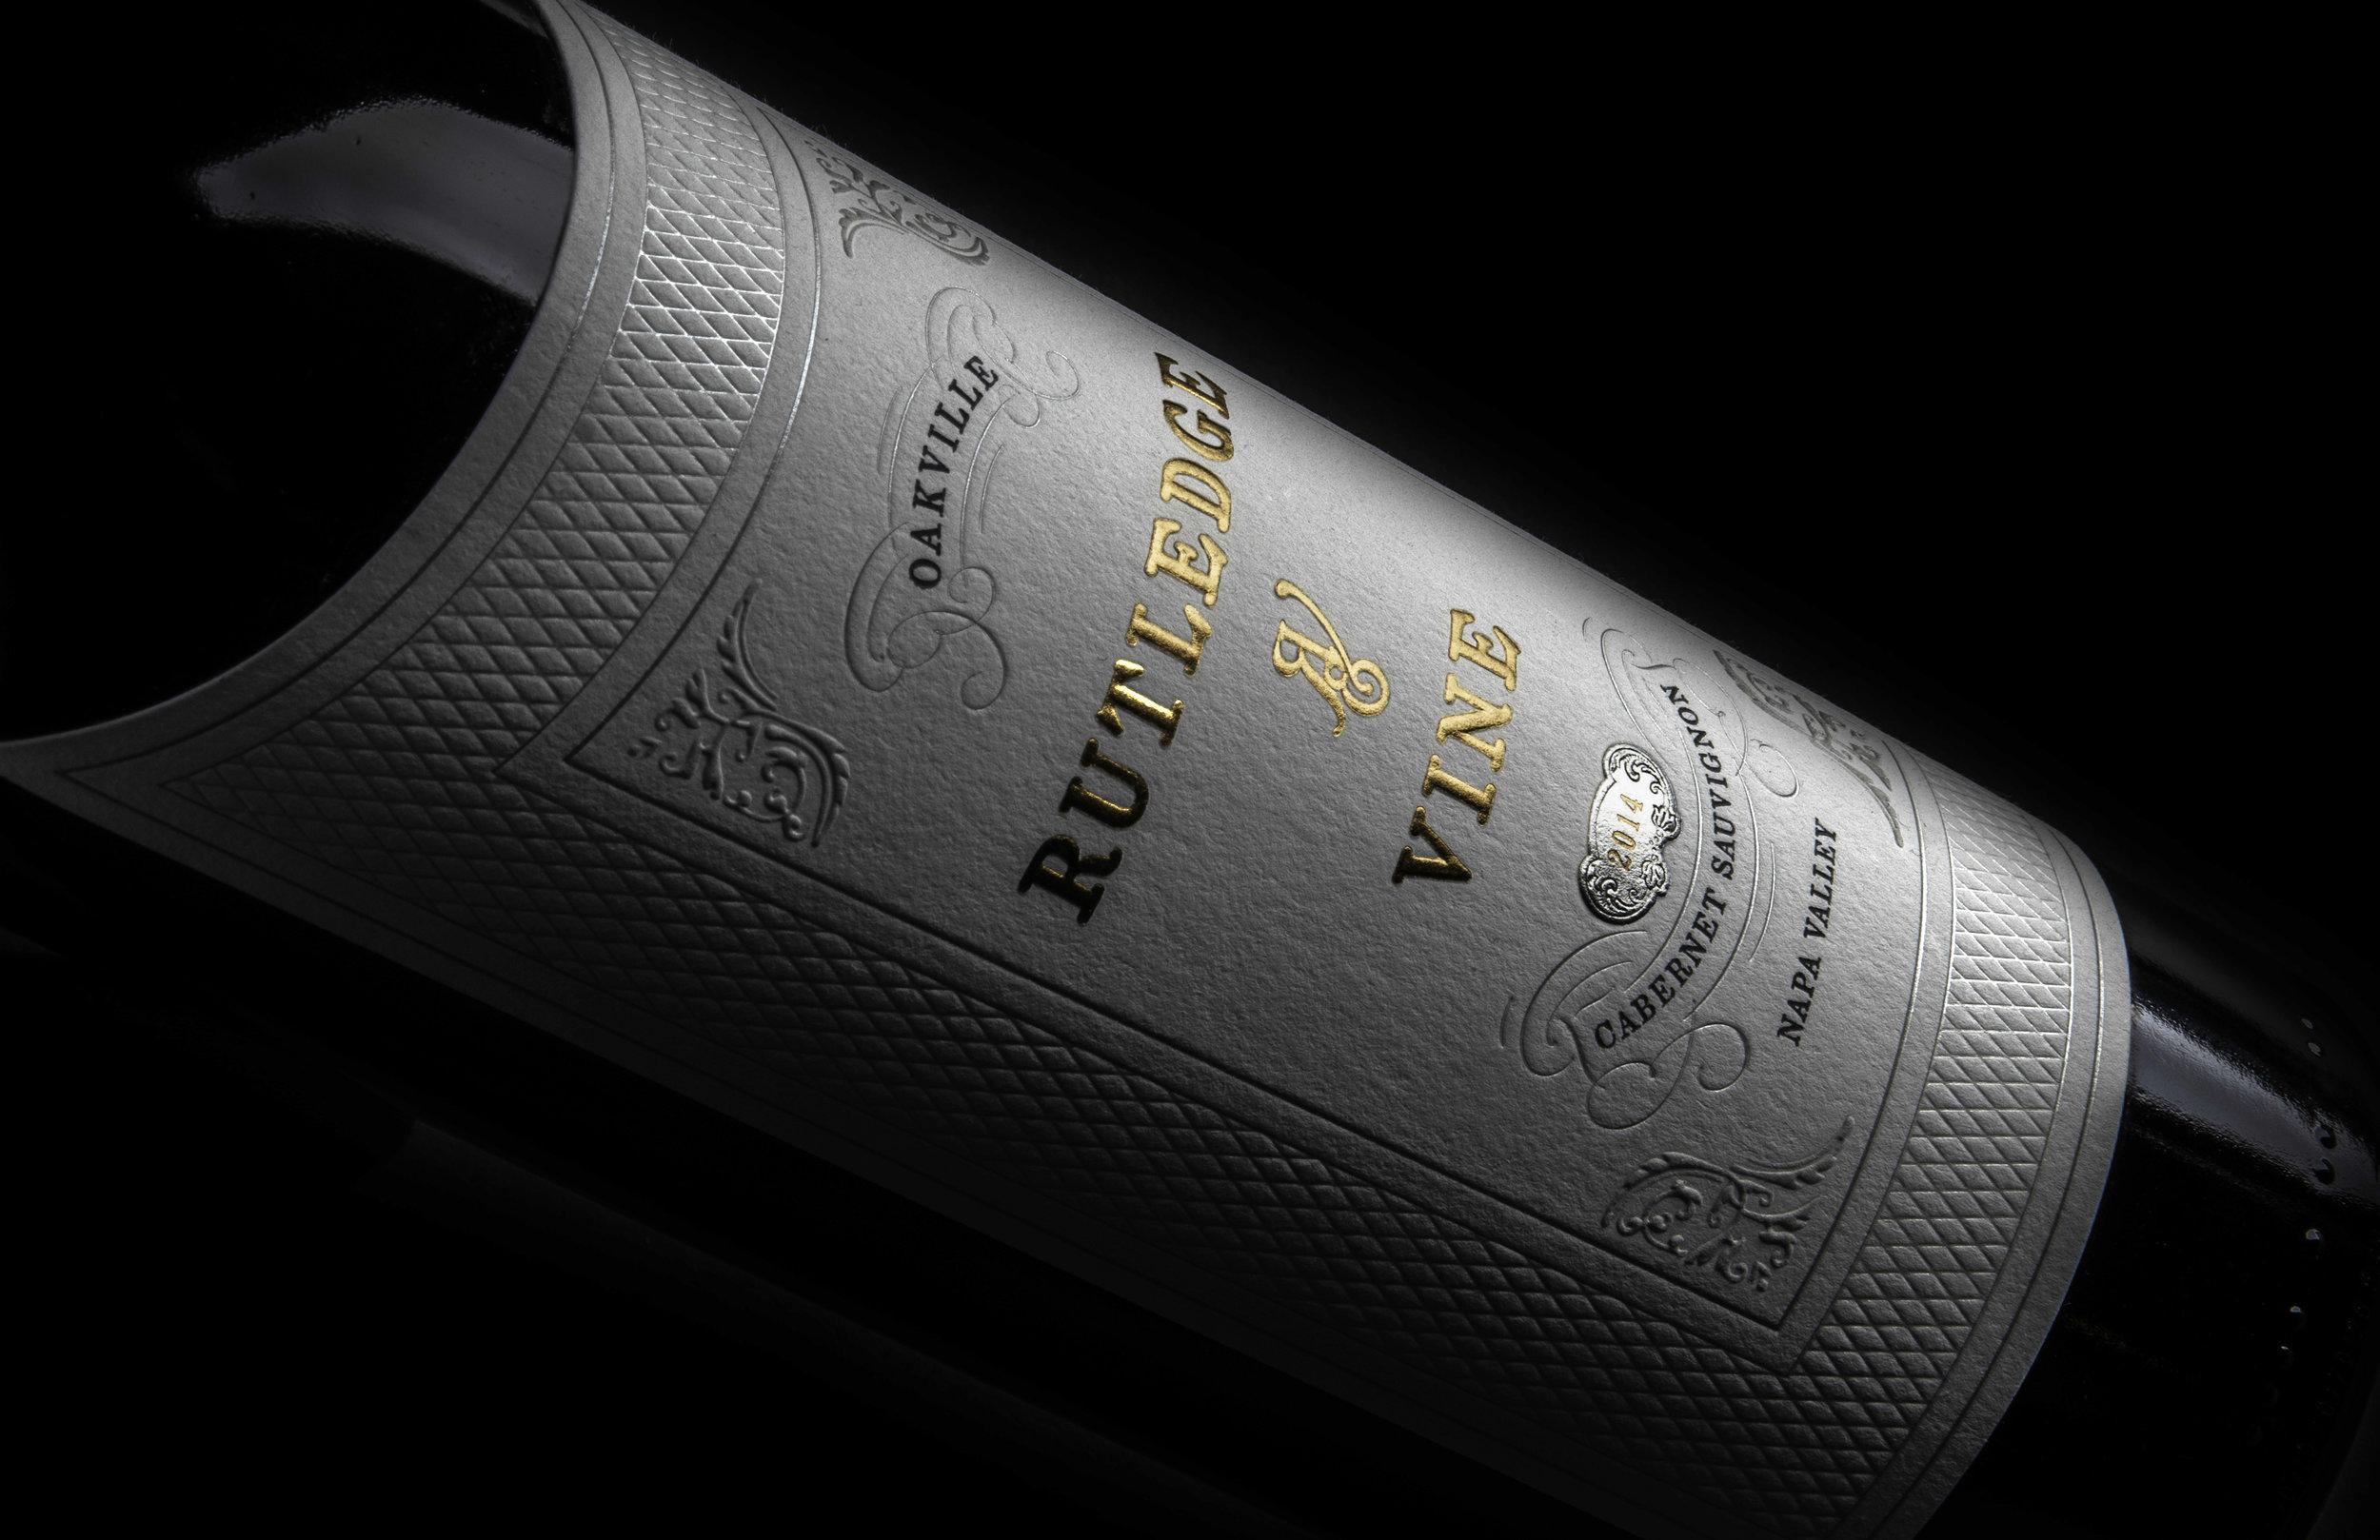 bohan | Embossed Winn bottle label with gold foil for Rutledge & Vine.